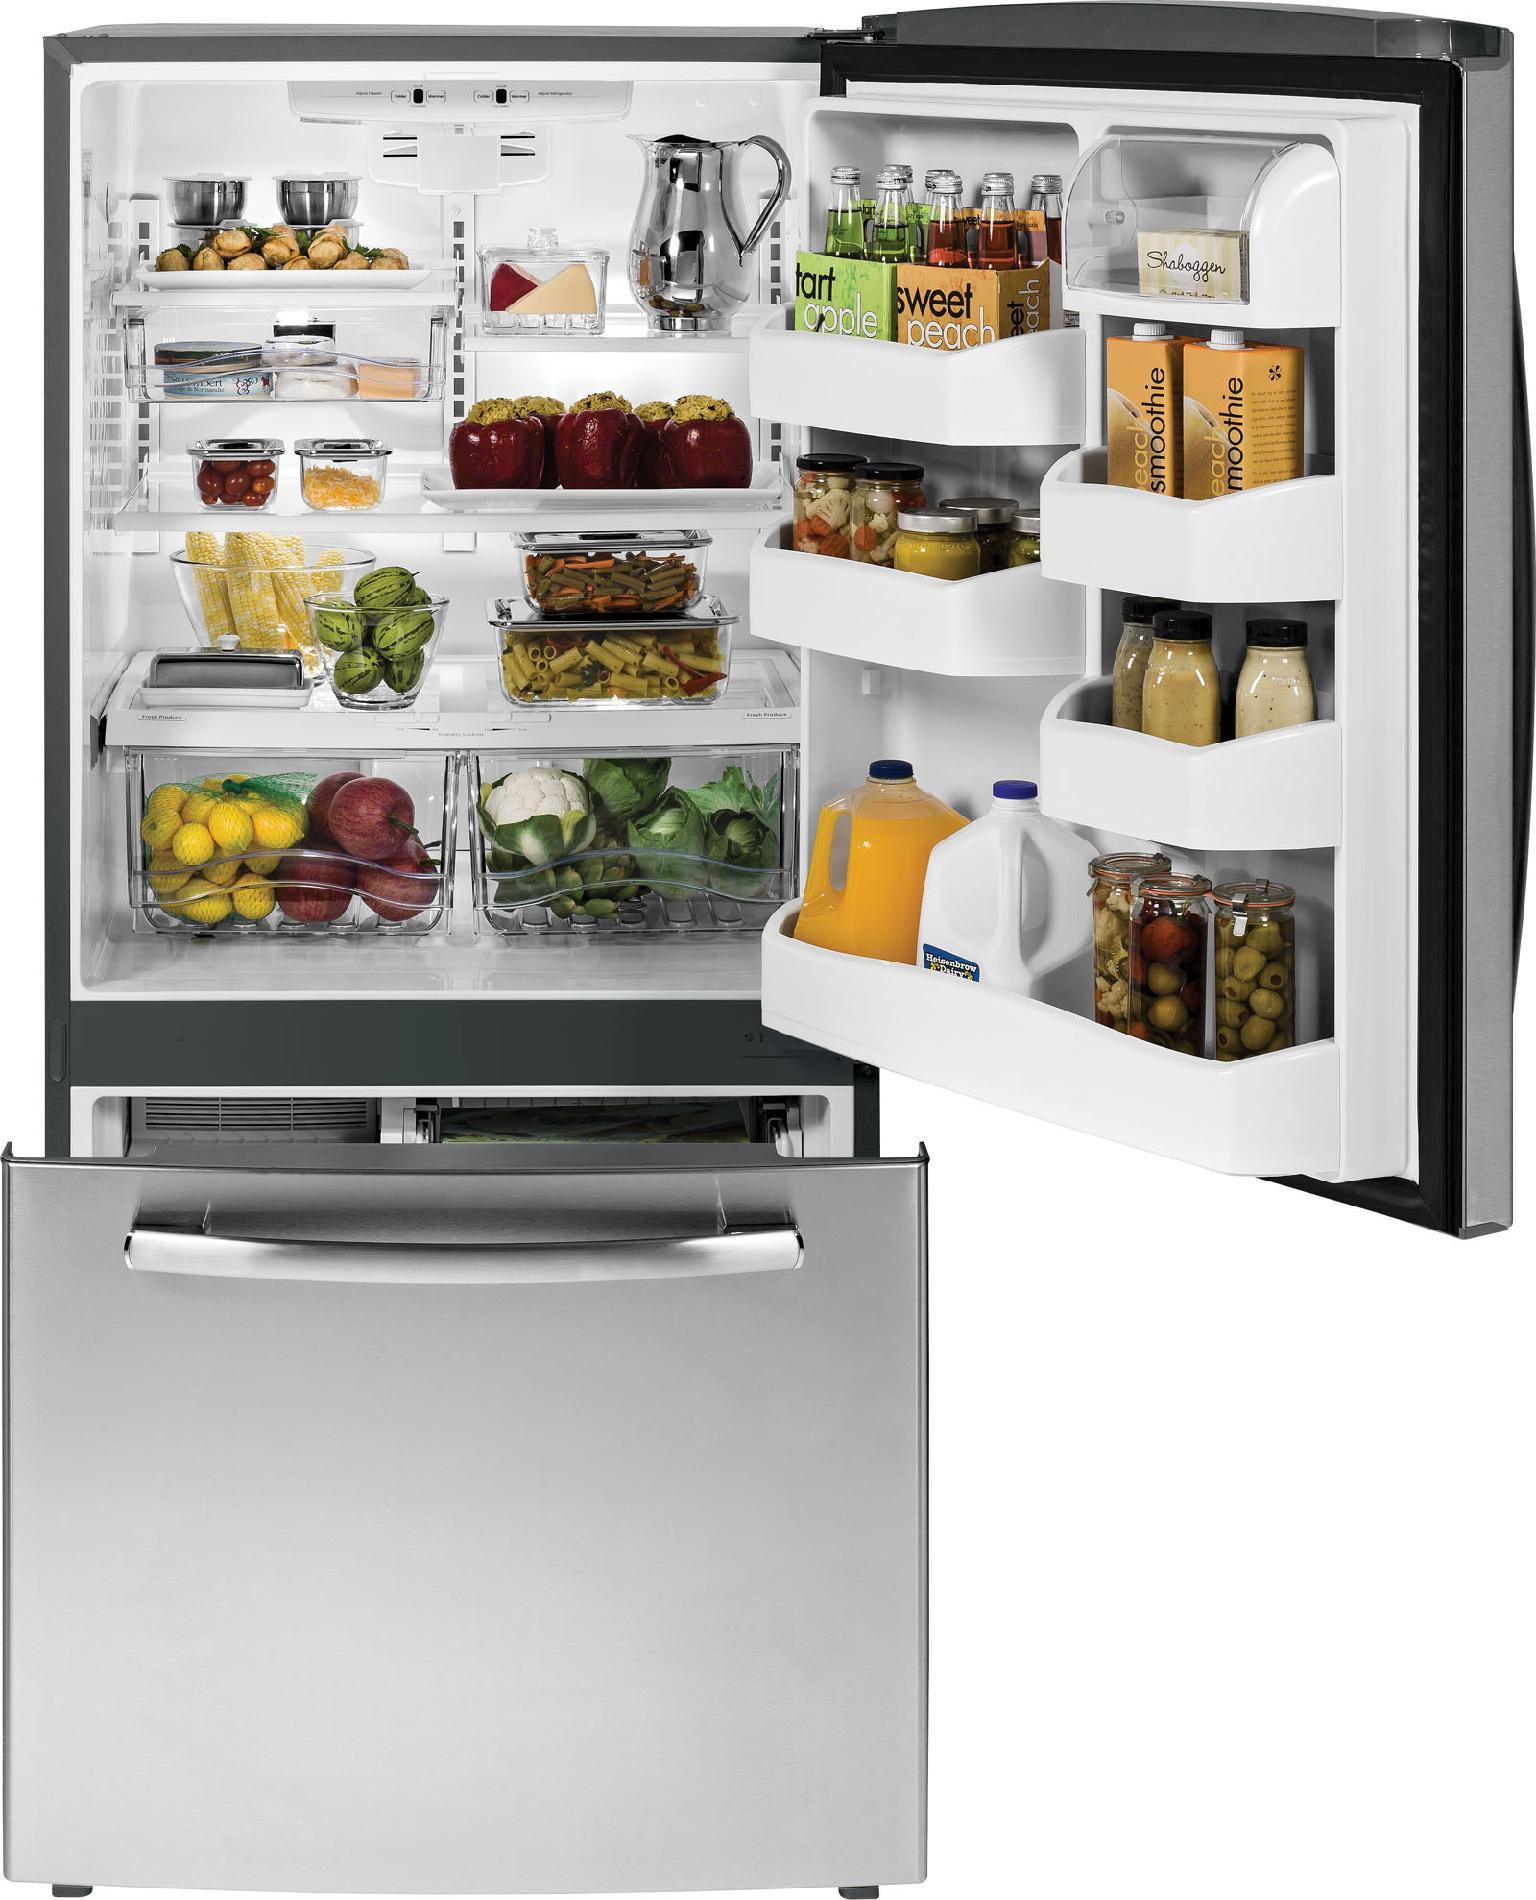 GE 23.1 cu. ft. Single-Door Bottom-Freezer Refrigerator - Stainless Steel